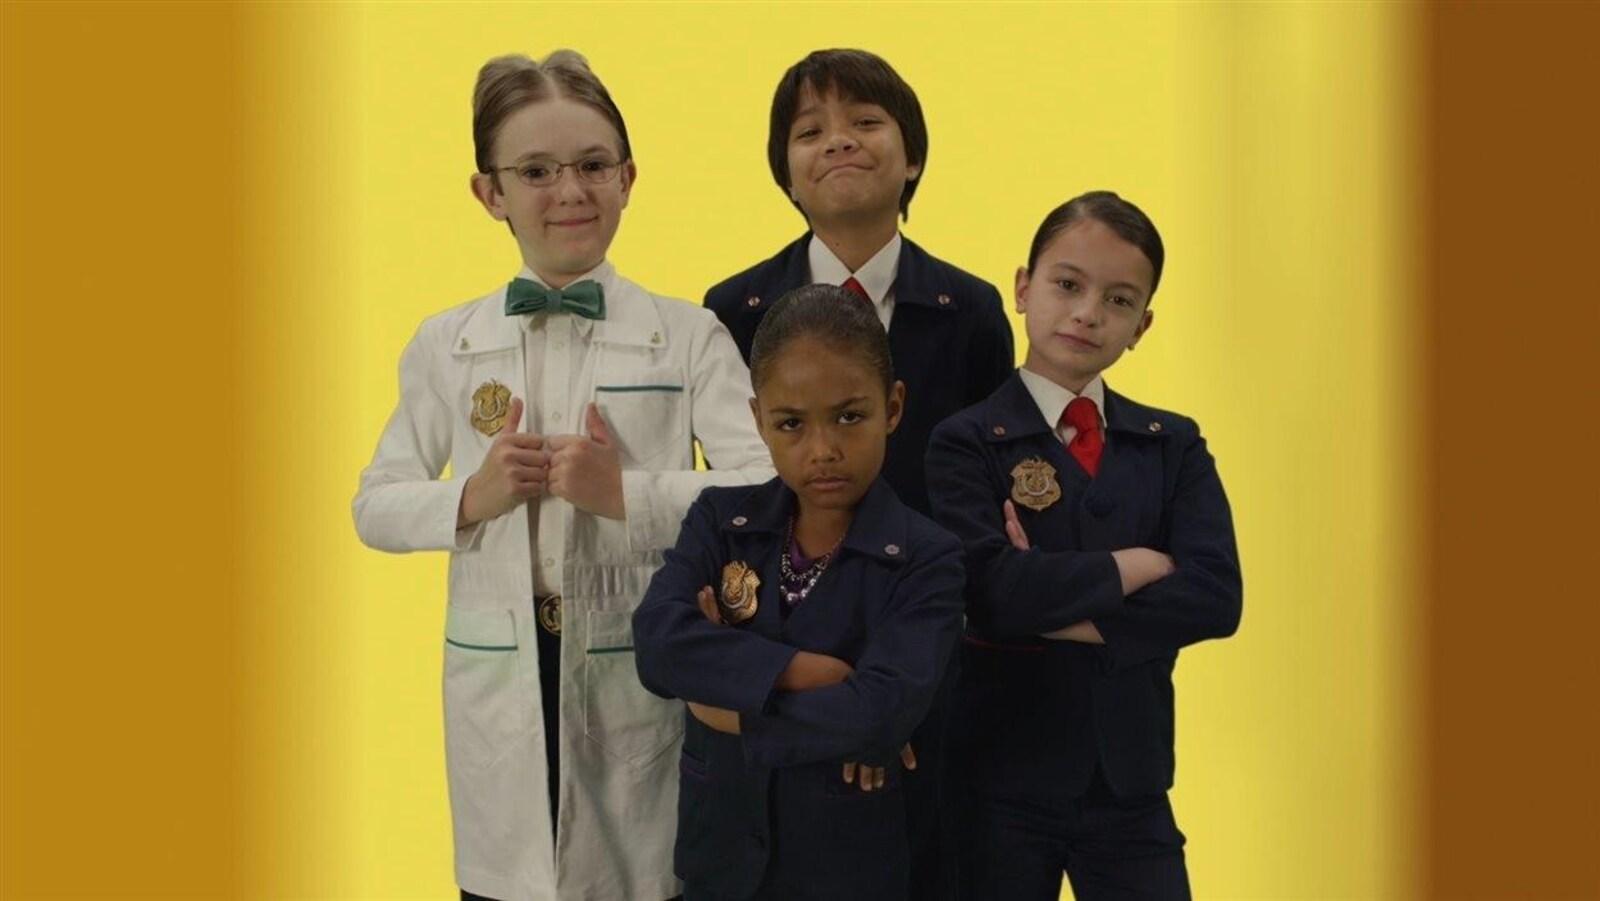 Les personnages d'Organisation super insolite posent, les bras croisés, devant un fond jaune.